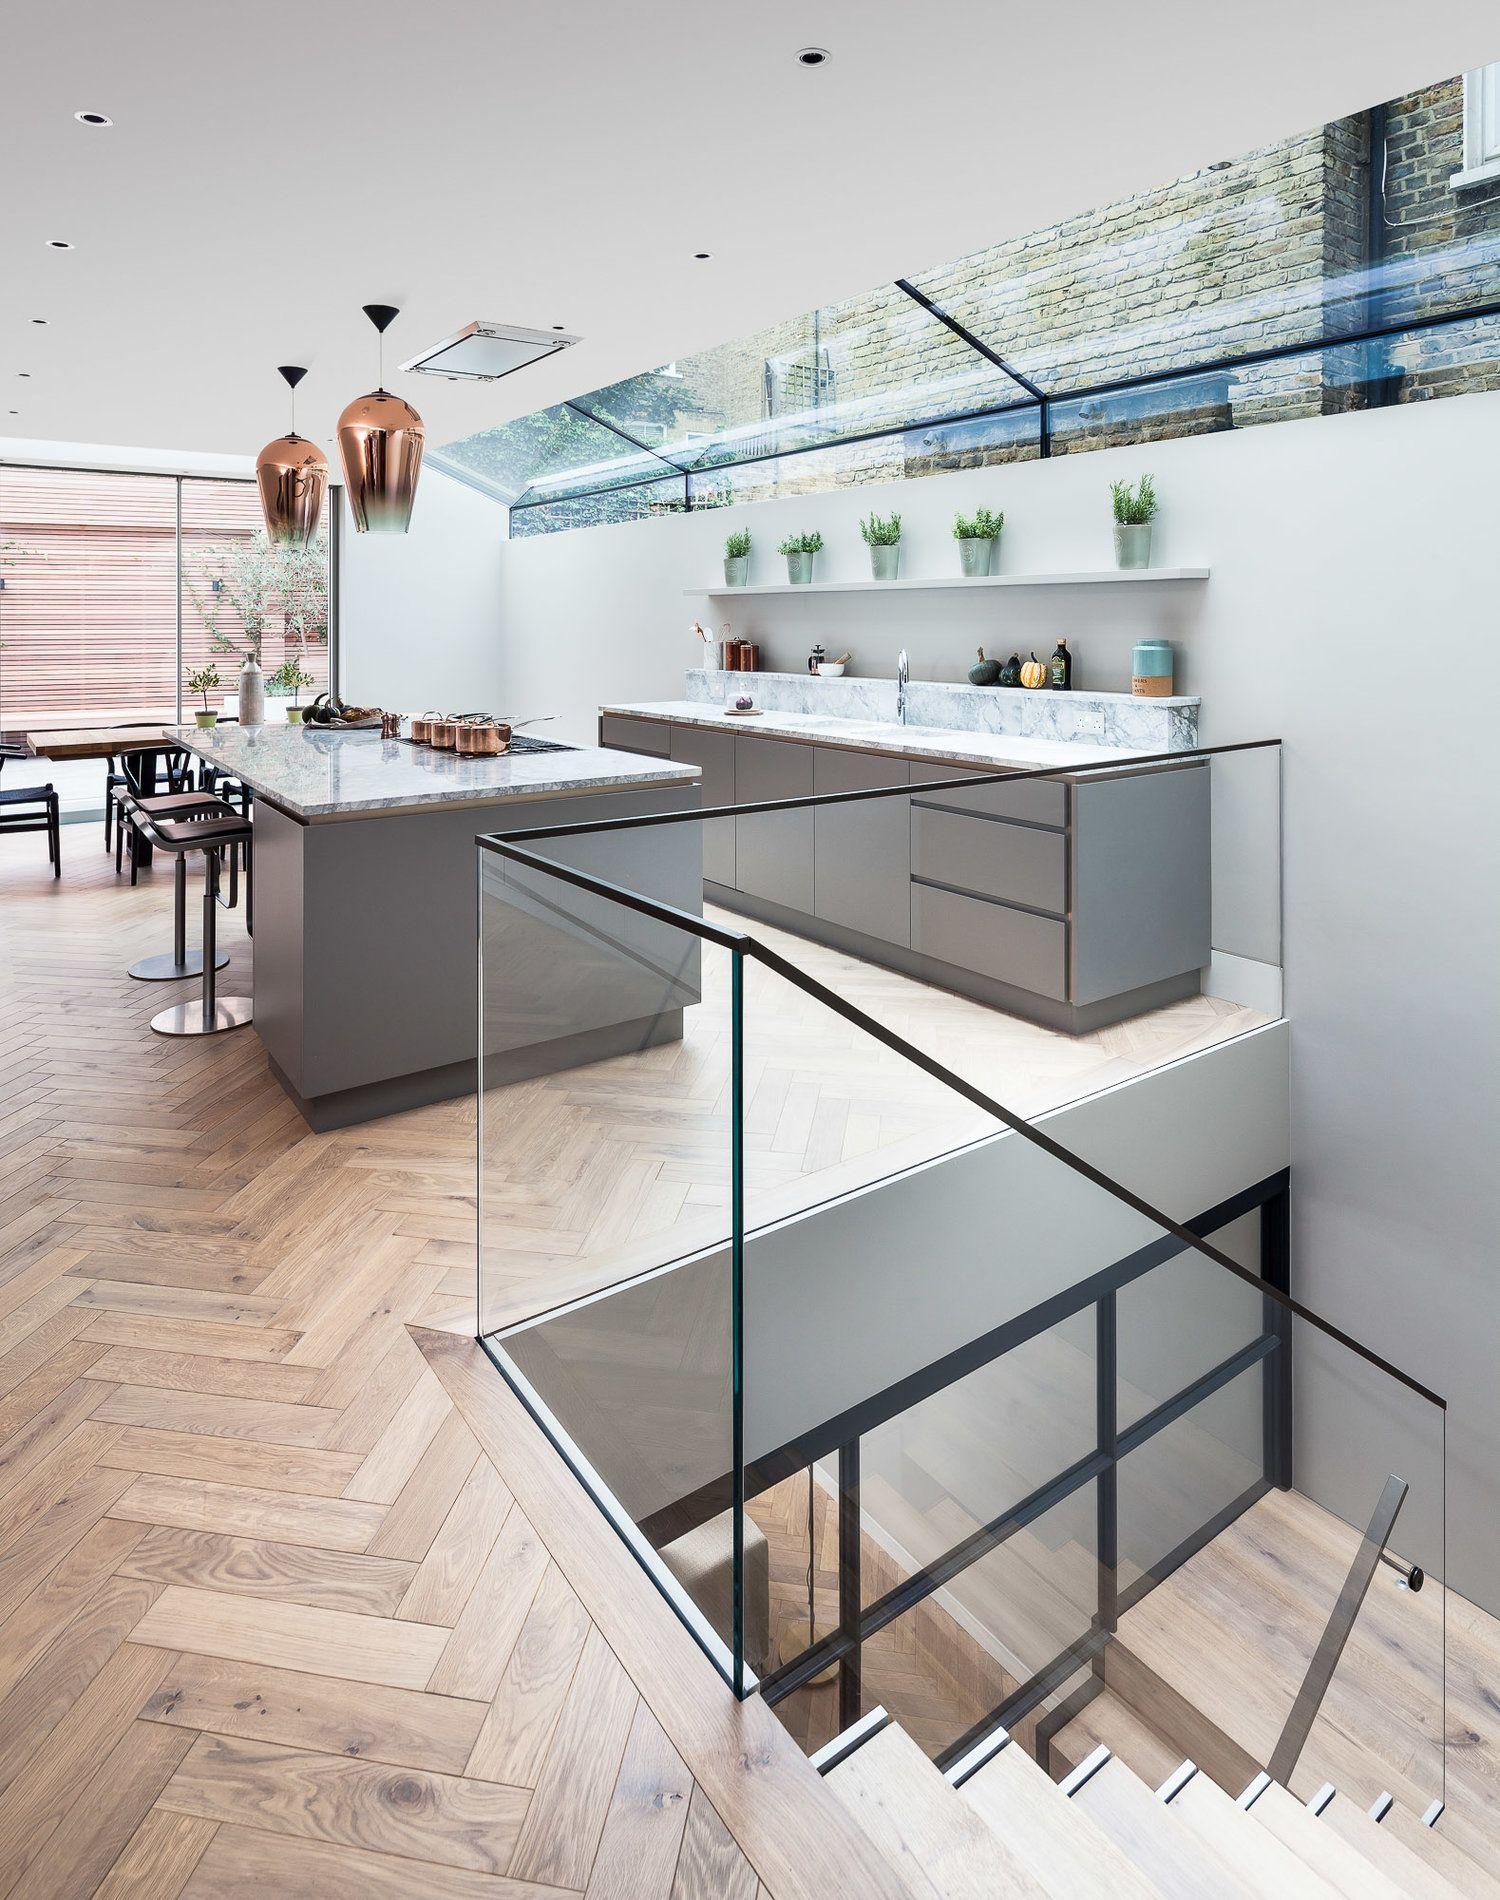 Ziemlich Verglasung Küchenschränke Zeitgenössisch - Küchen Design ...